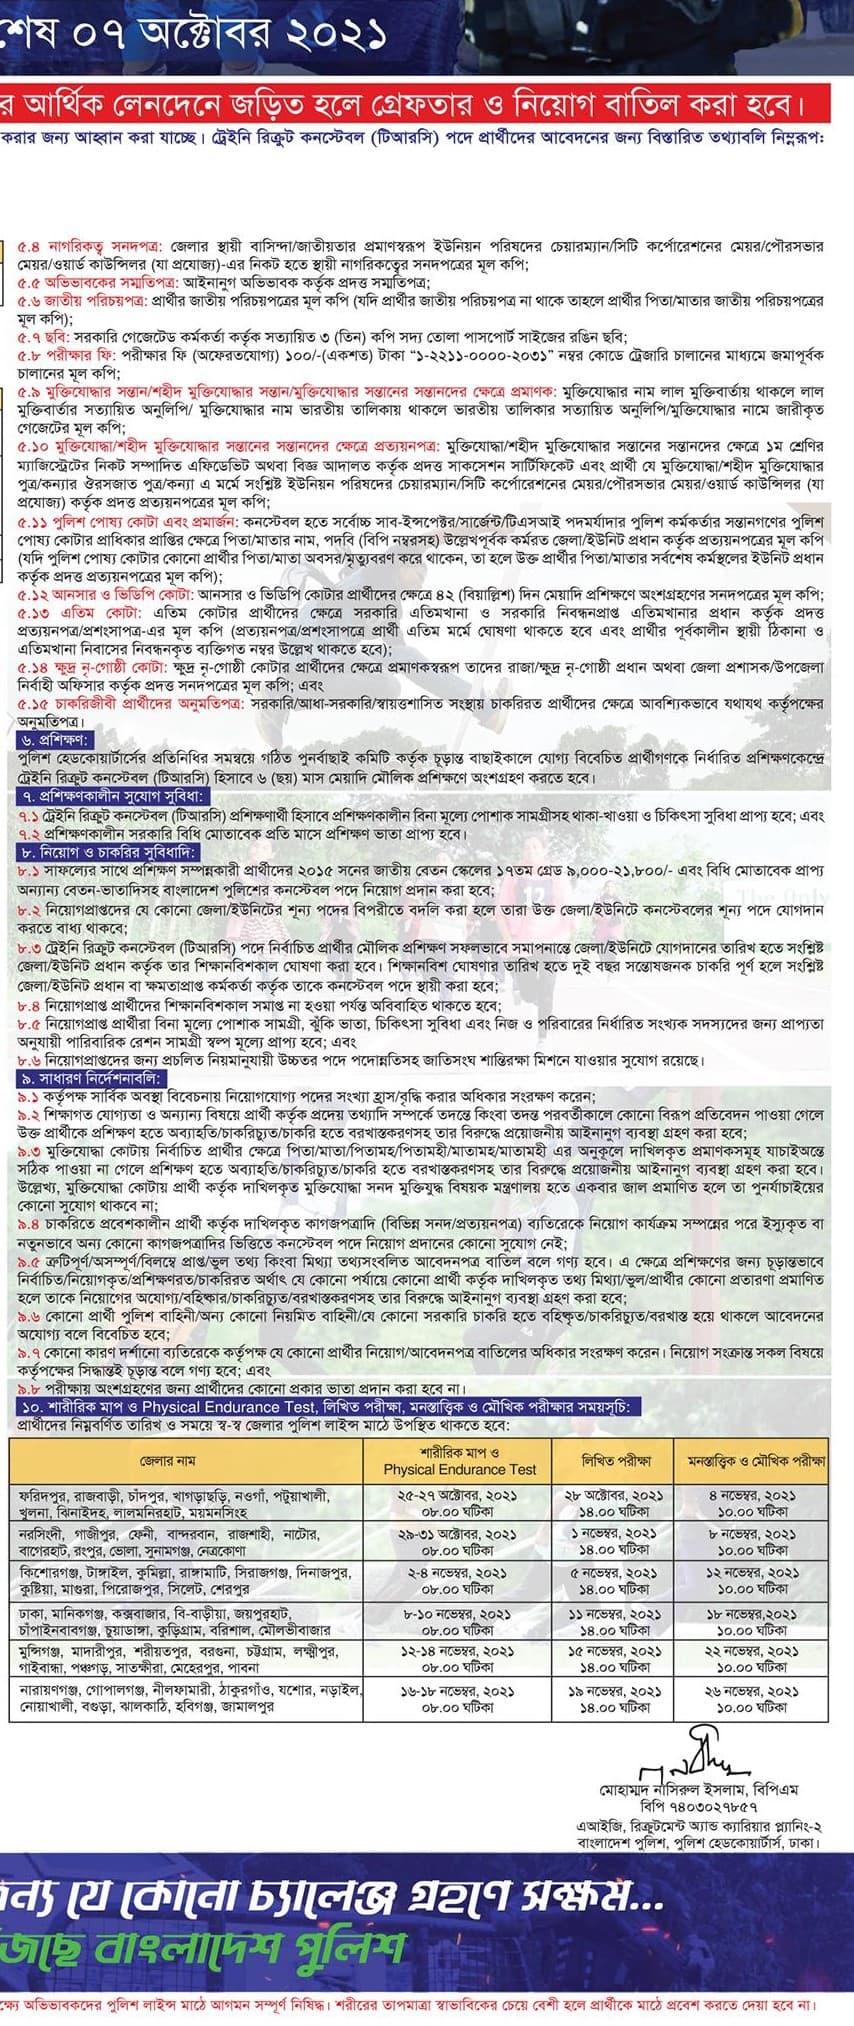 বাংলাদেশ পুলিশ নিয়োগ বিজ্ঞপ্তি